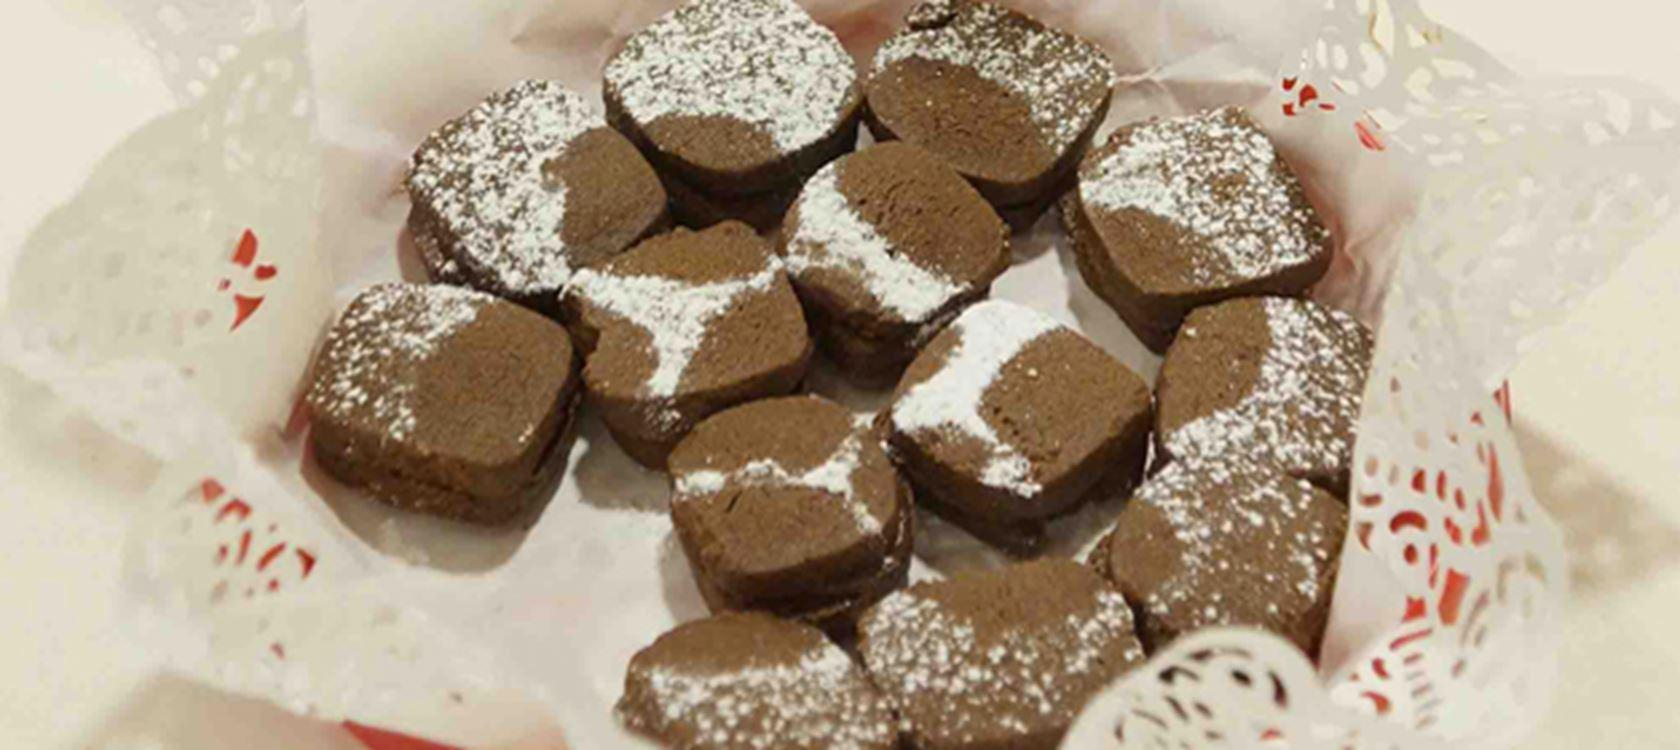 Μπισκότα φουρνιστά με σοκολάτα